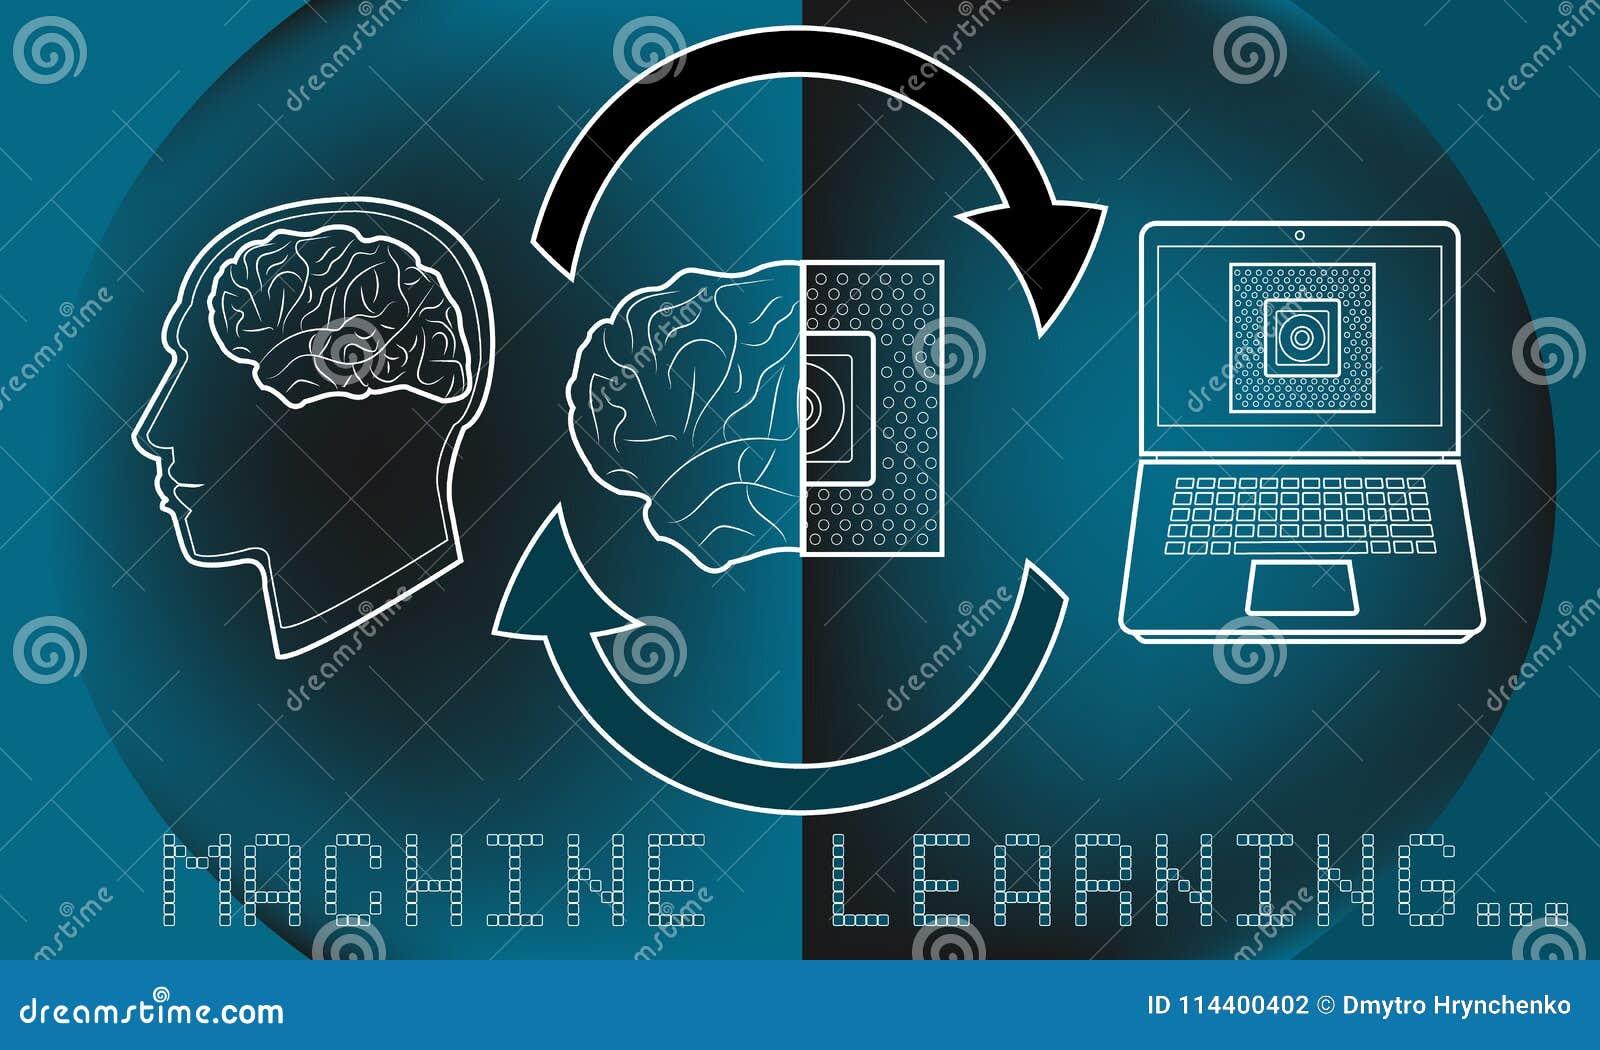 Lernfähigkeit einer Maschine ml und künstliche Intelligenz AI-Prozess veranschaulicht